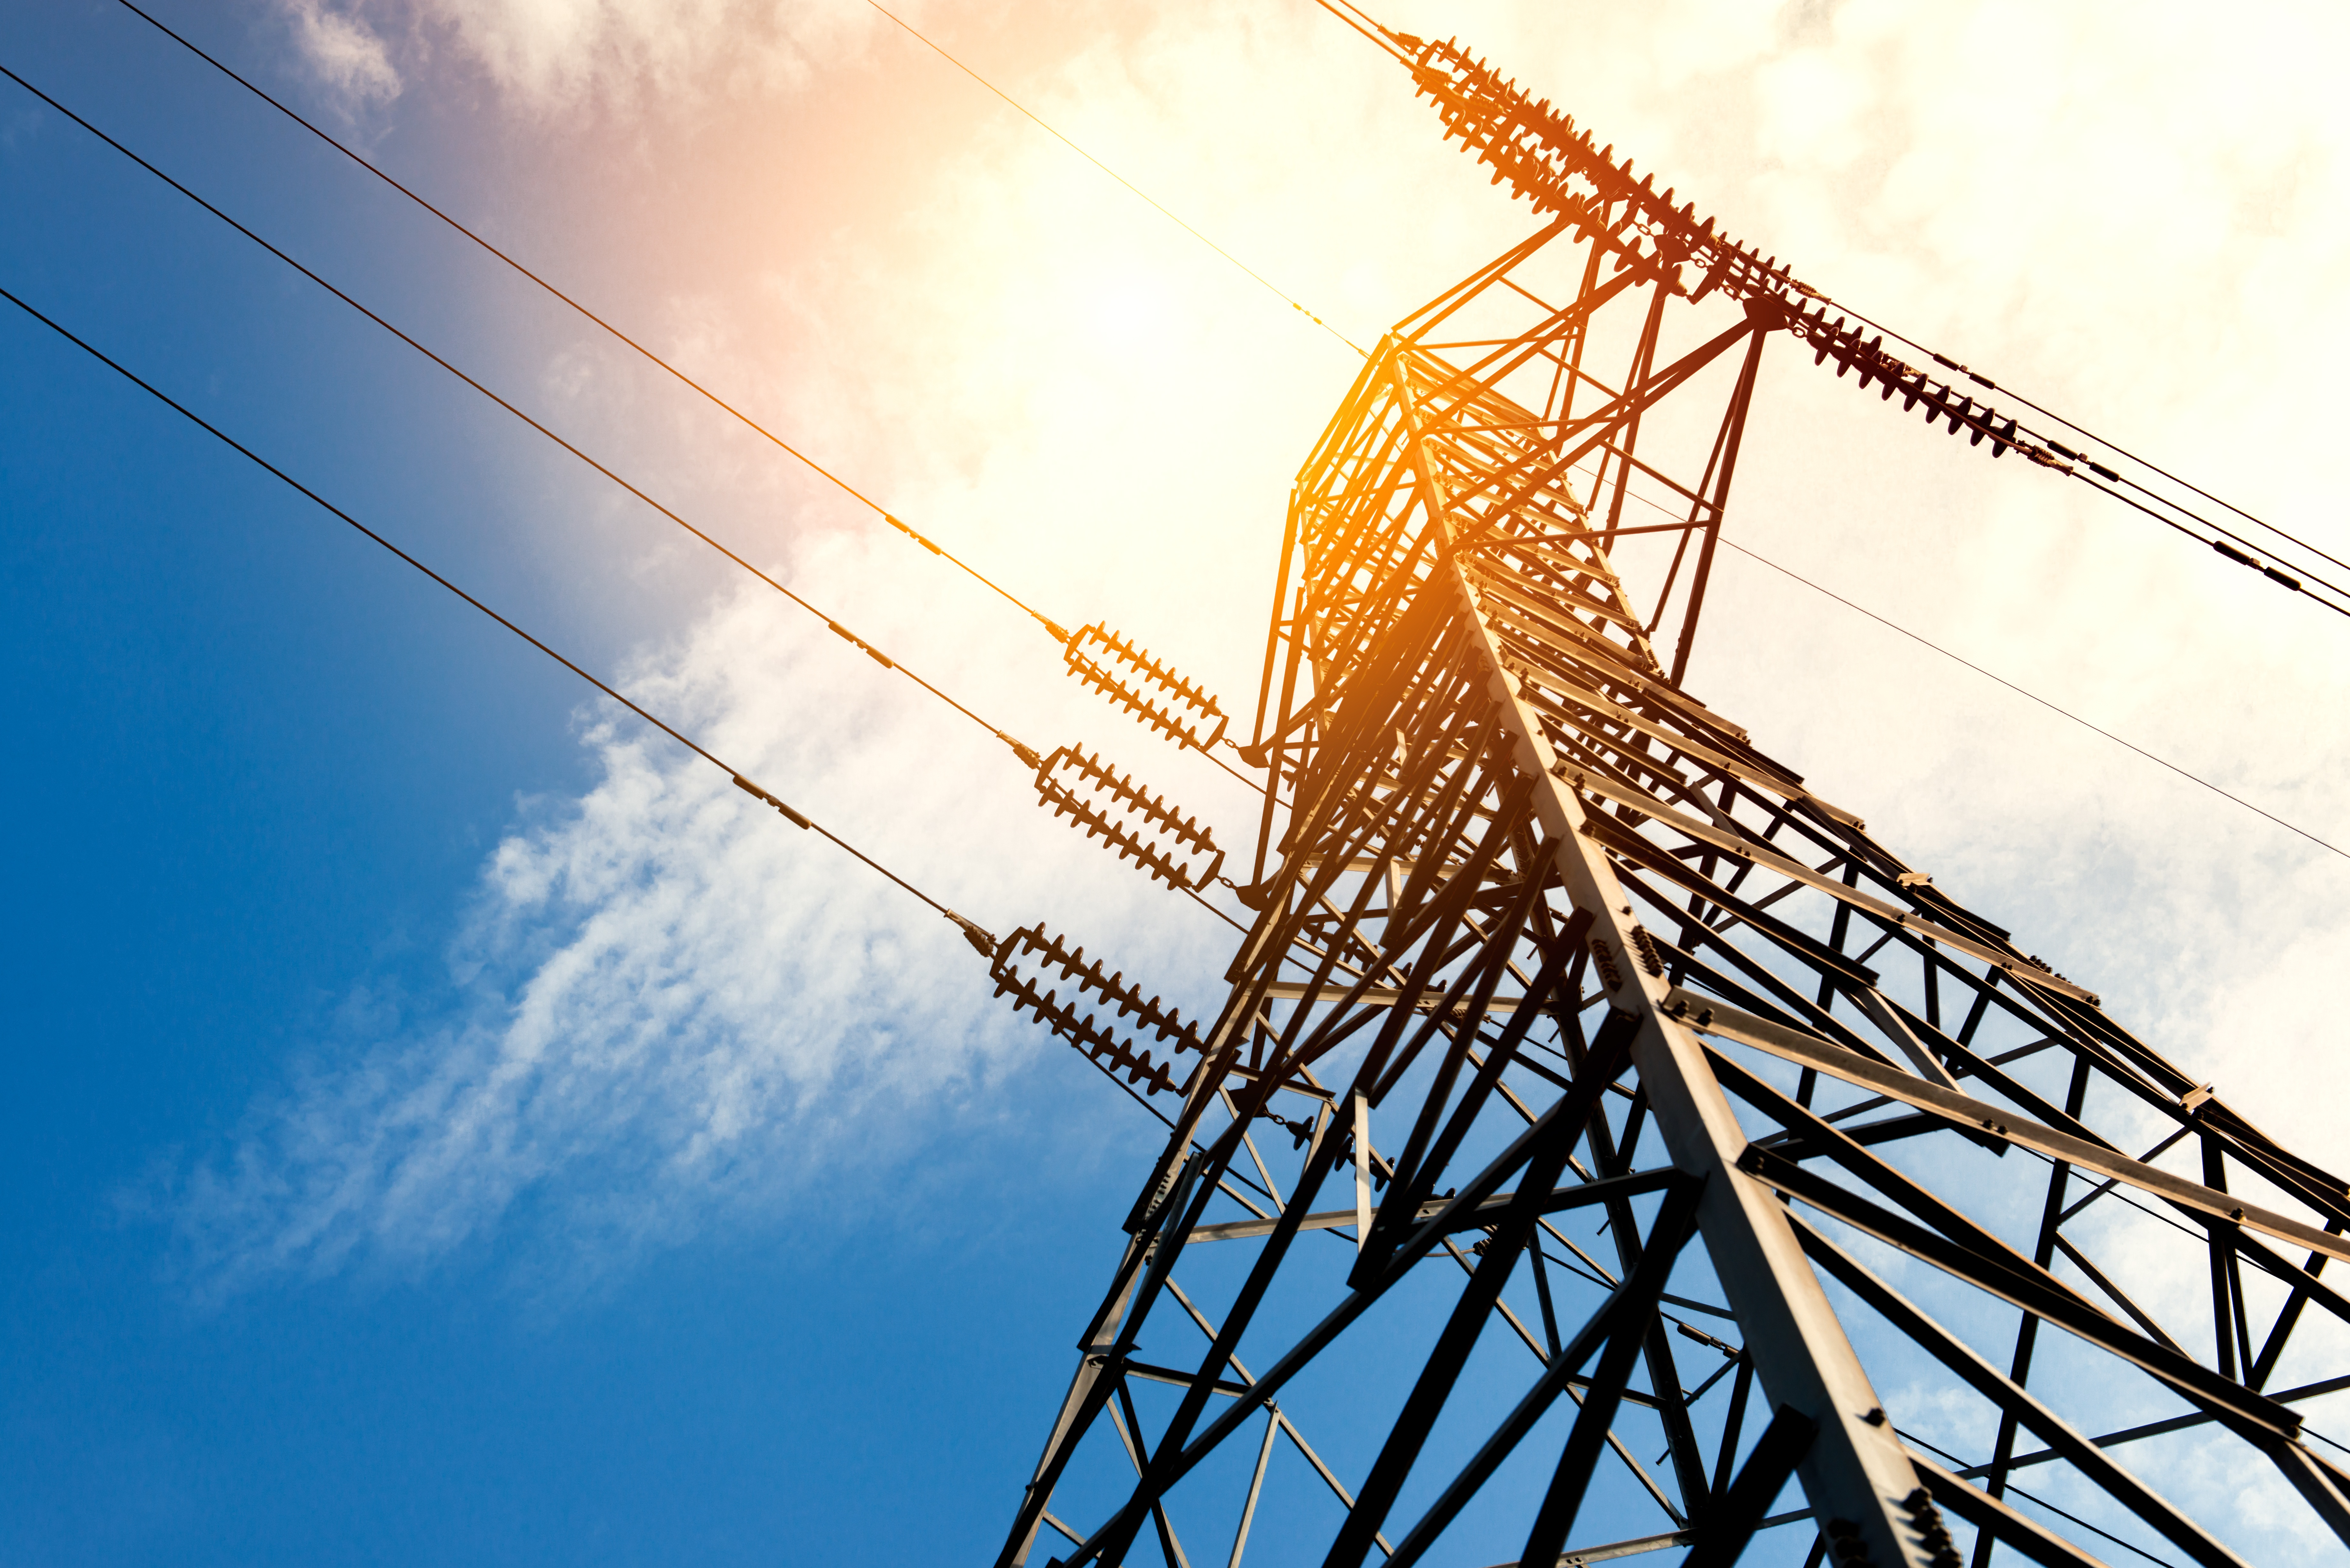 Vlaams Energiebedrijf wil de Vlaamse overheid massaal op de spotmarkt laten kopen